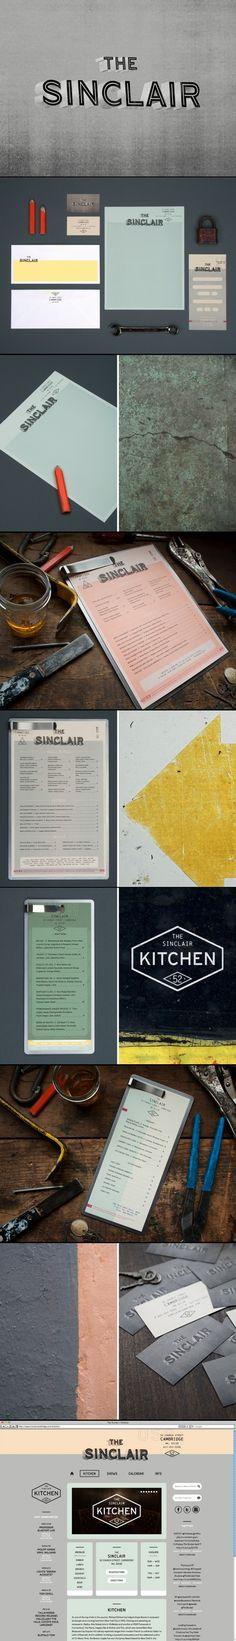 The Sinclair | Oat Creative Corporate design letterhead letter business card logo envelop colors graphic